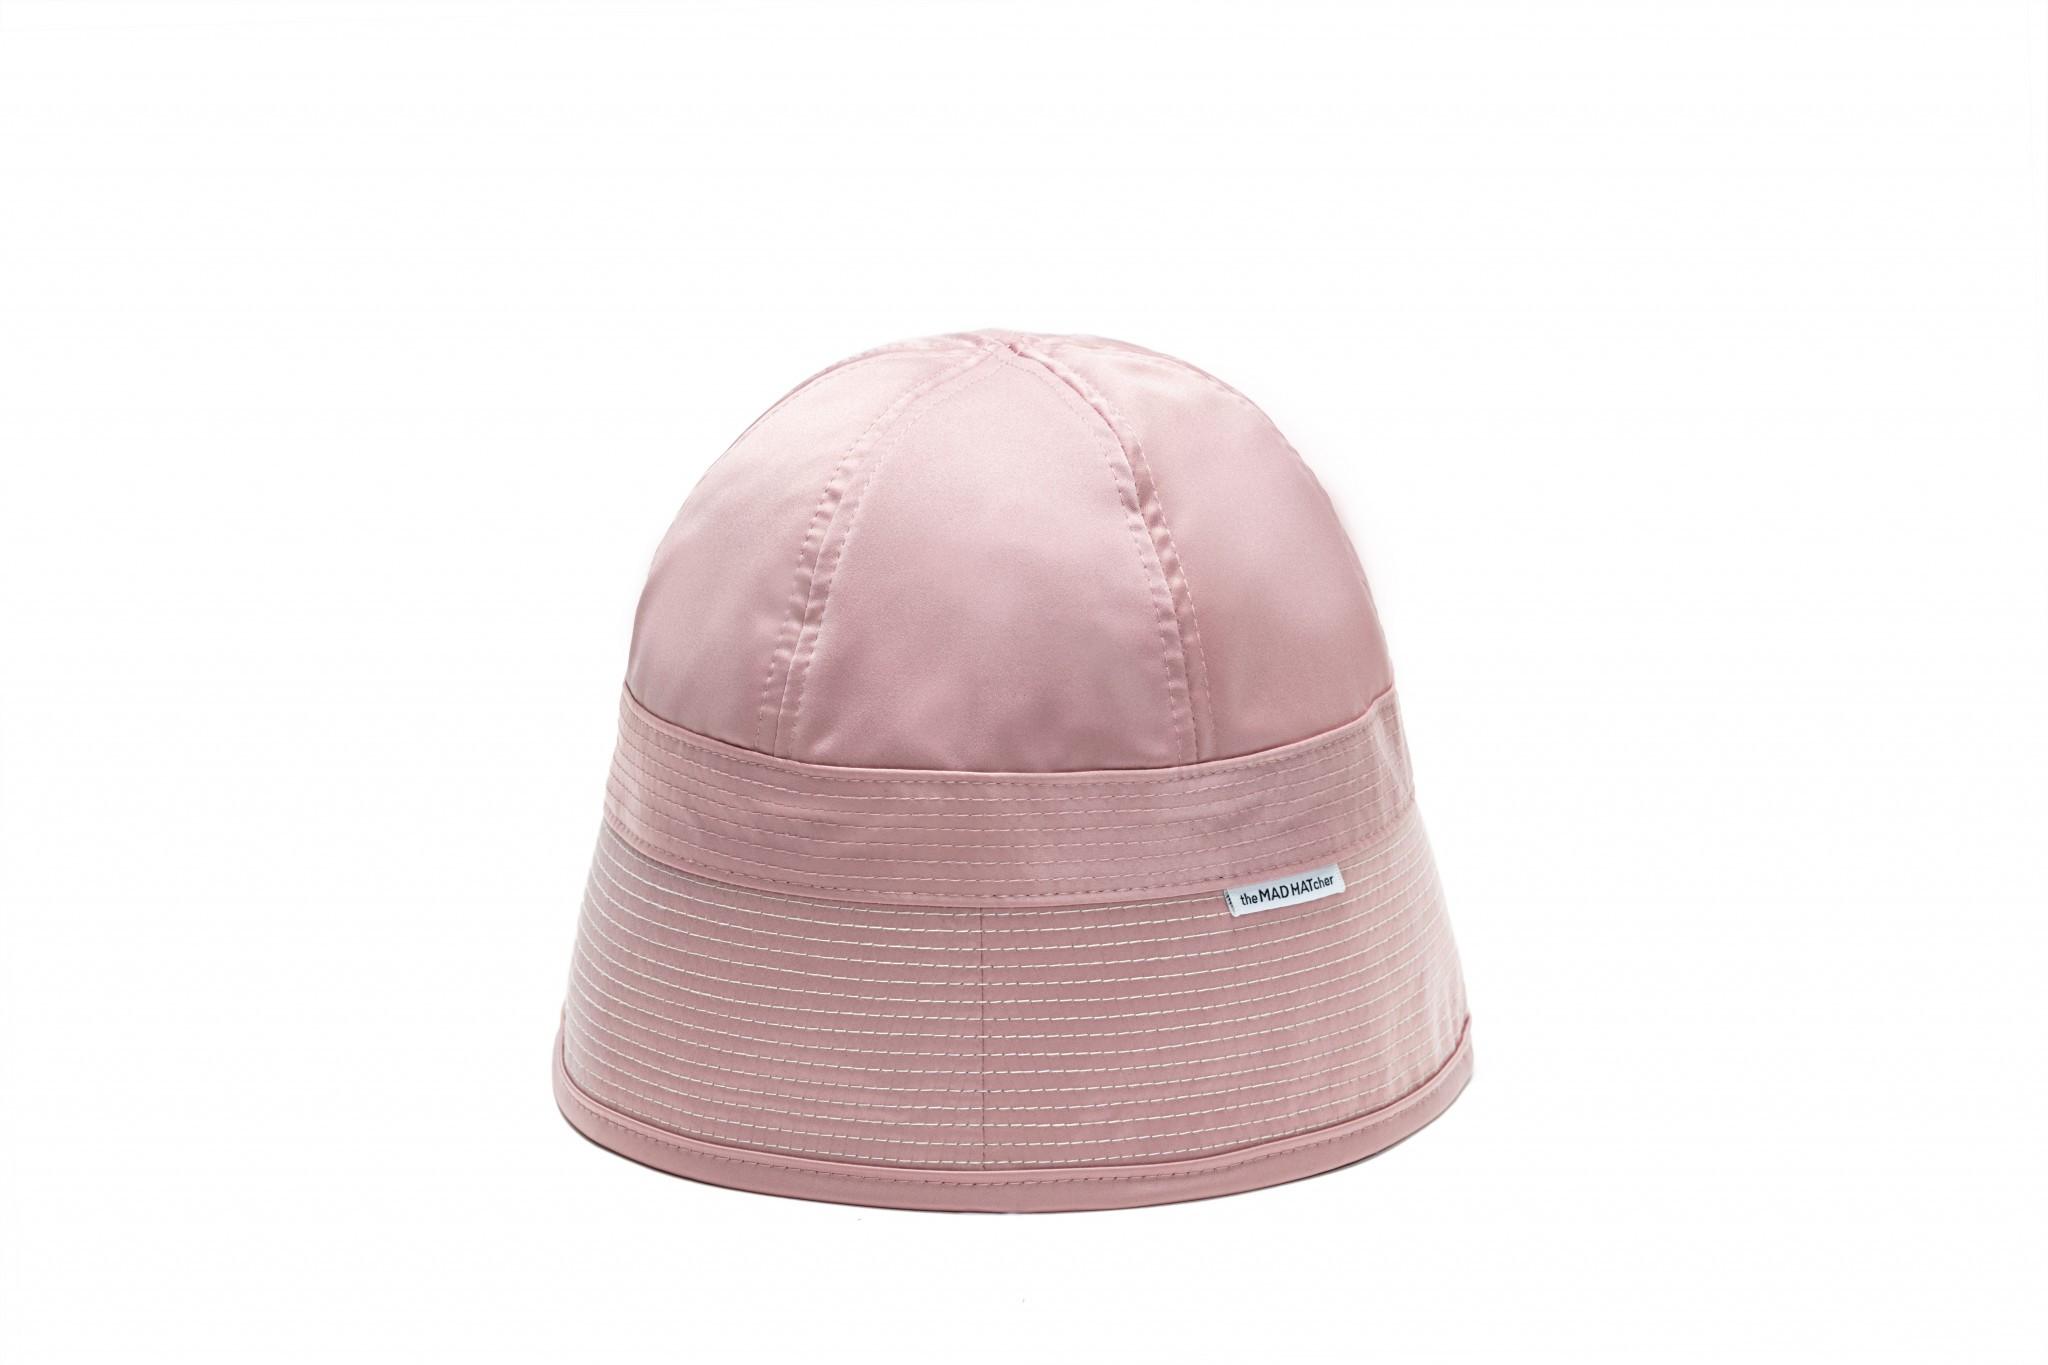 TMH帽子白底002